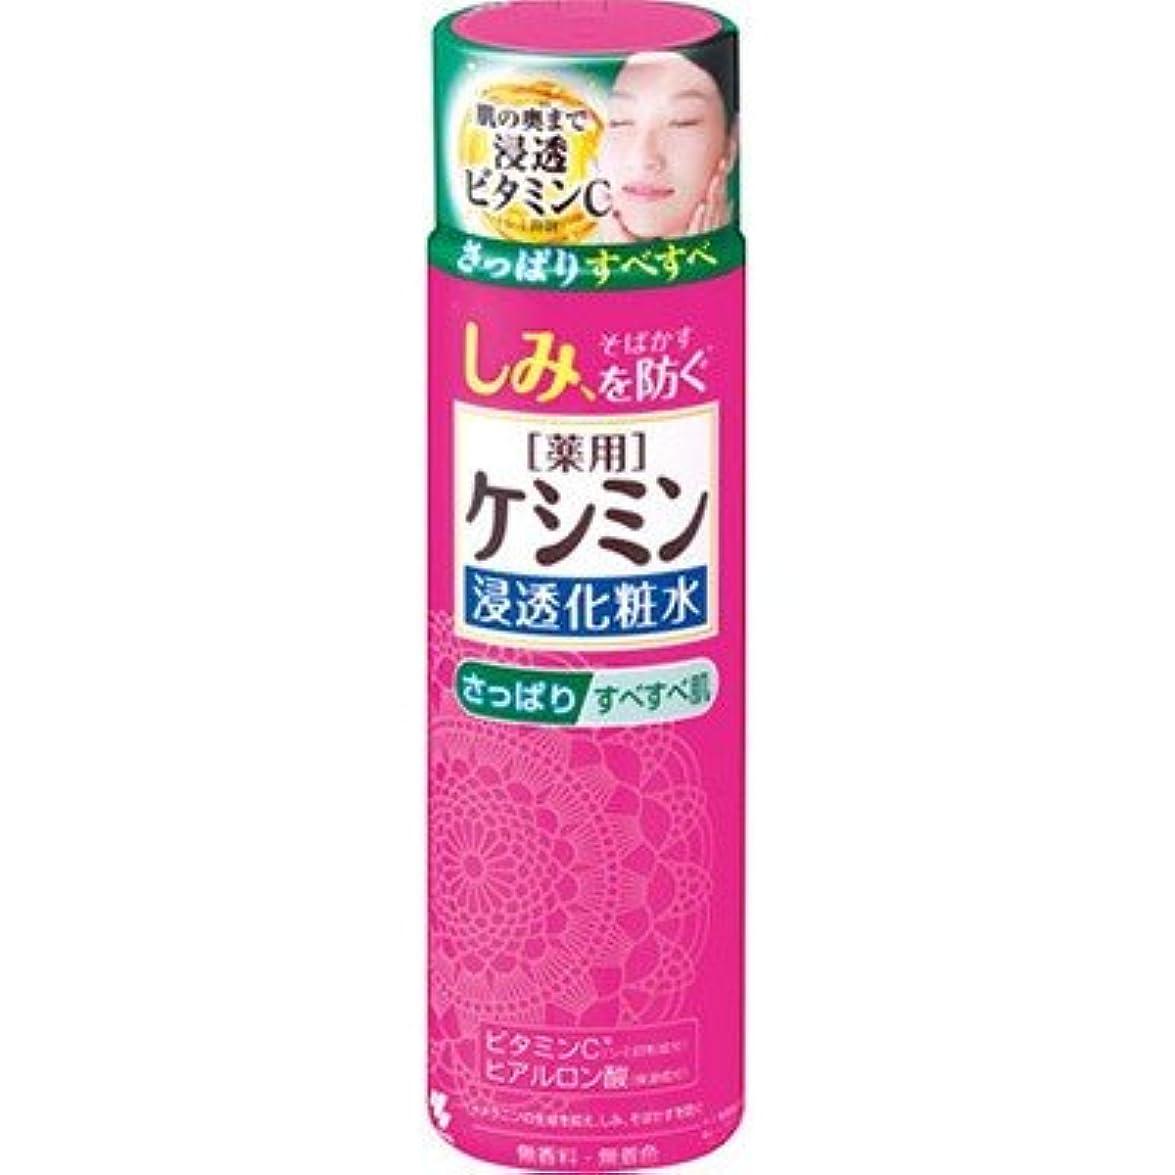 ケシミン?ケシミン浸透化粧水 さっぱりタイプ 160ml [並行輸入品]